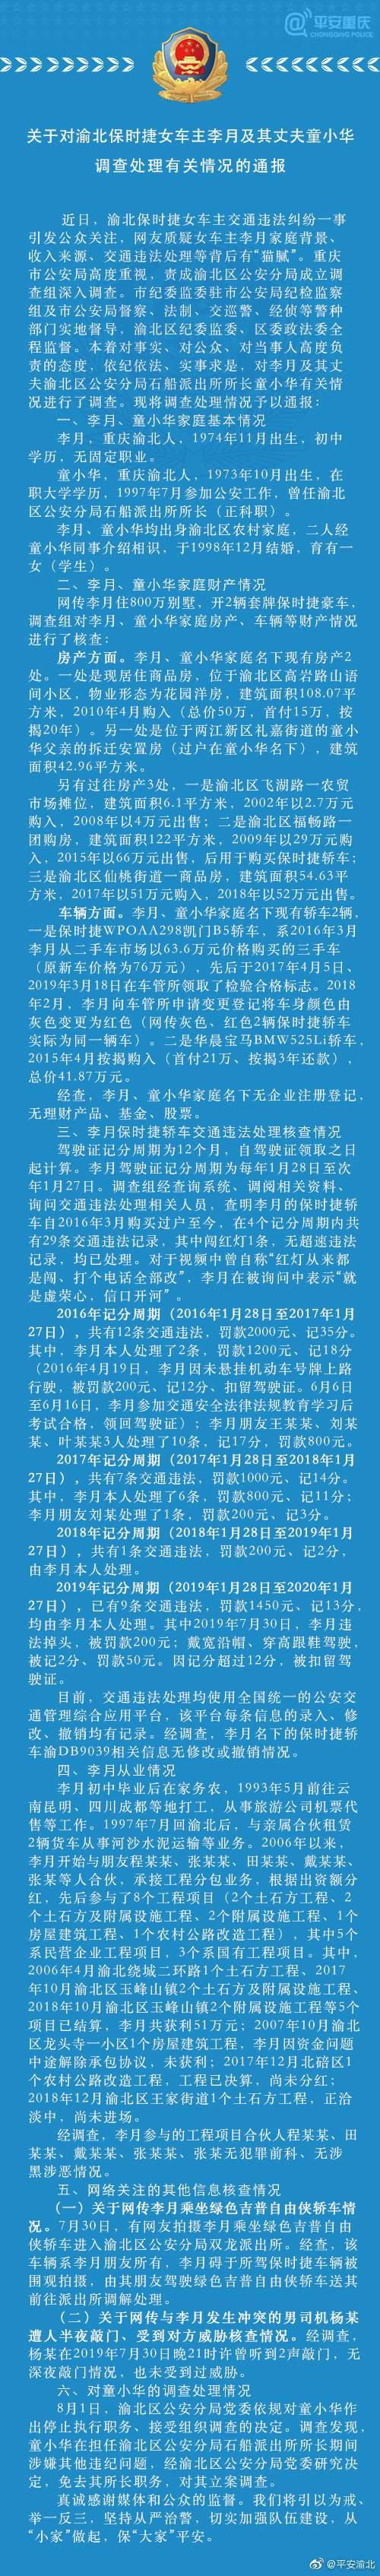 重庆警方:免去保时捷女车主丈夫所长职务,对其立案调查